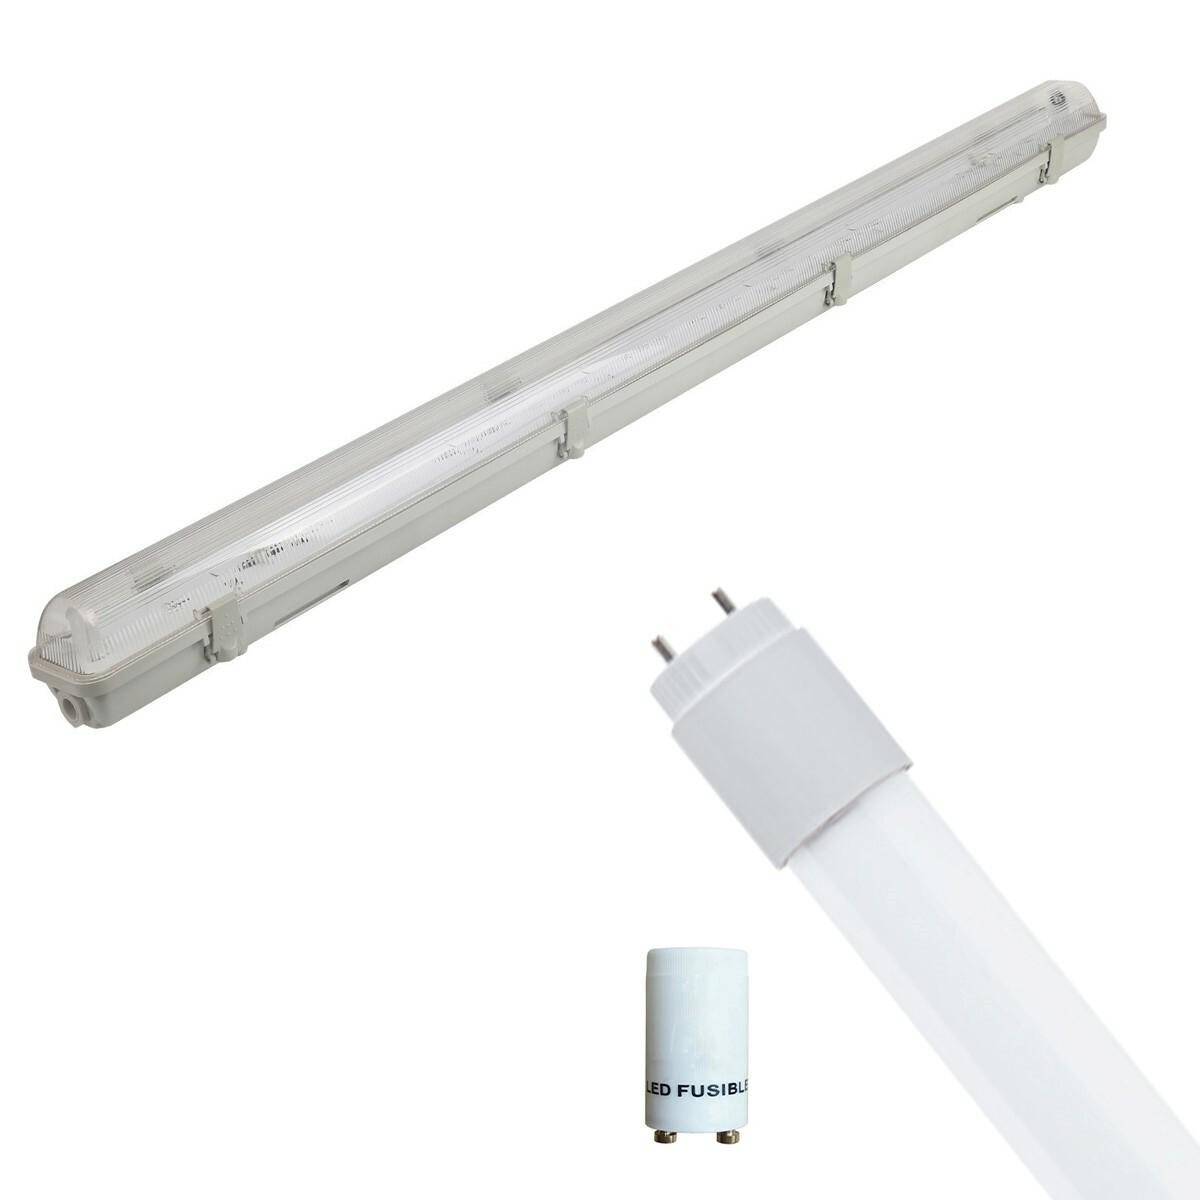 LED TL Armatuur met T8 Buis Incl. Starter - Aigi Hari - 150cm Enkel - 22W - Helder/Koud Wit 6400K - Waterdicht IP65